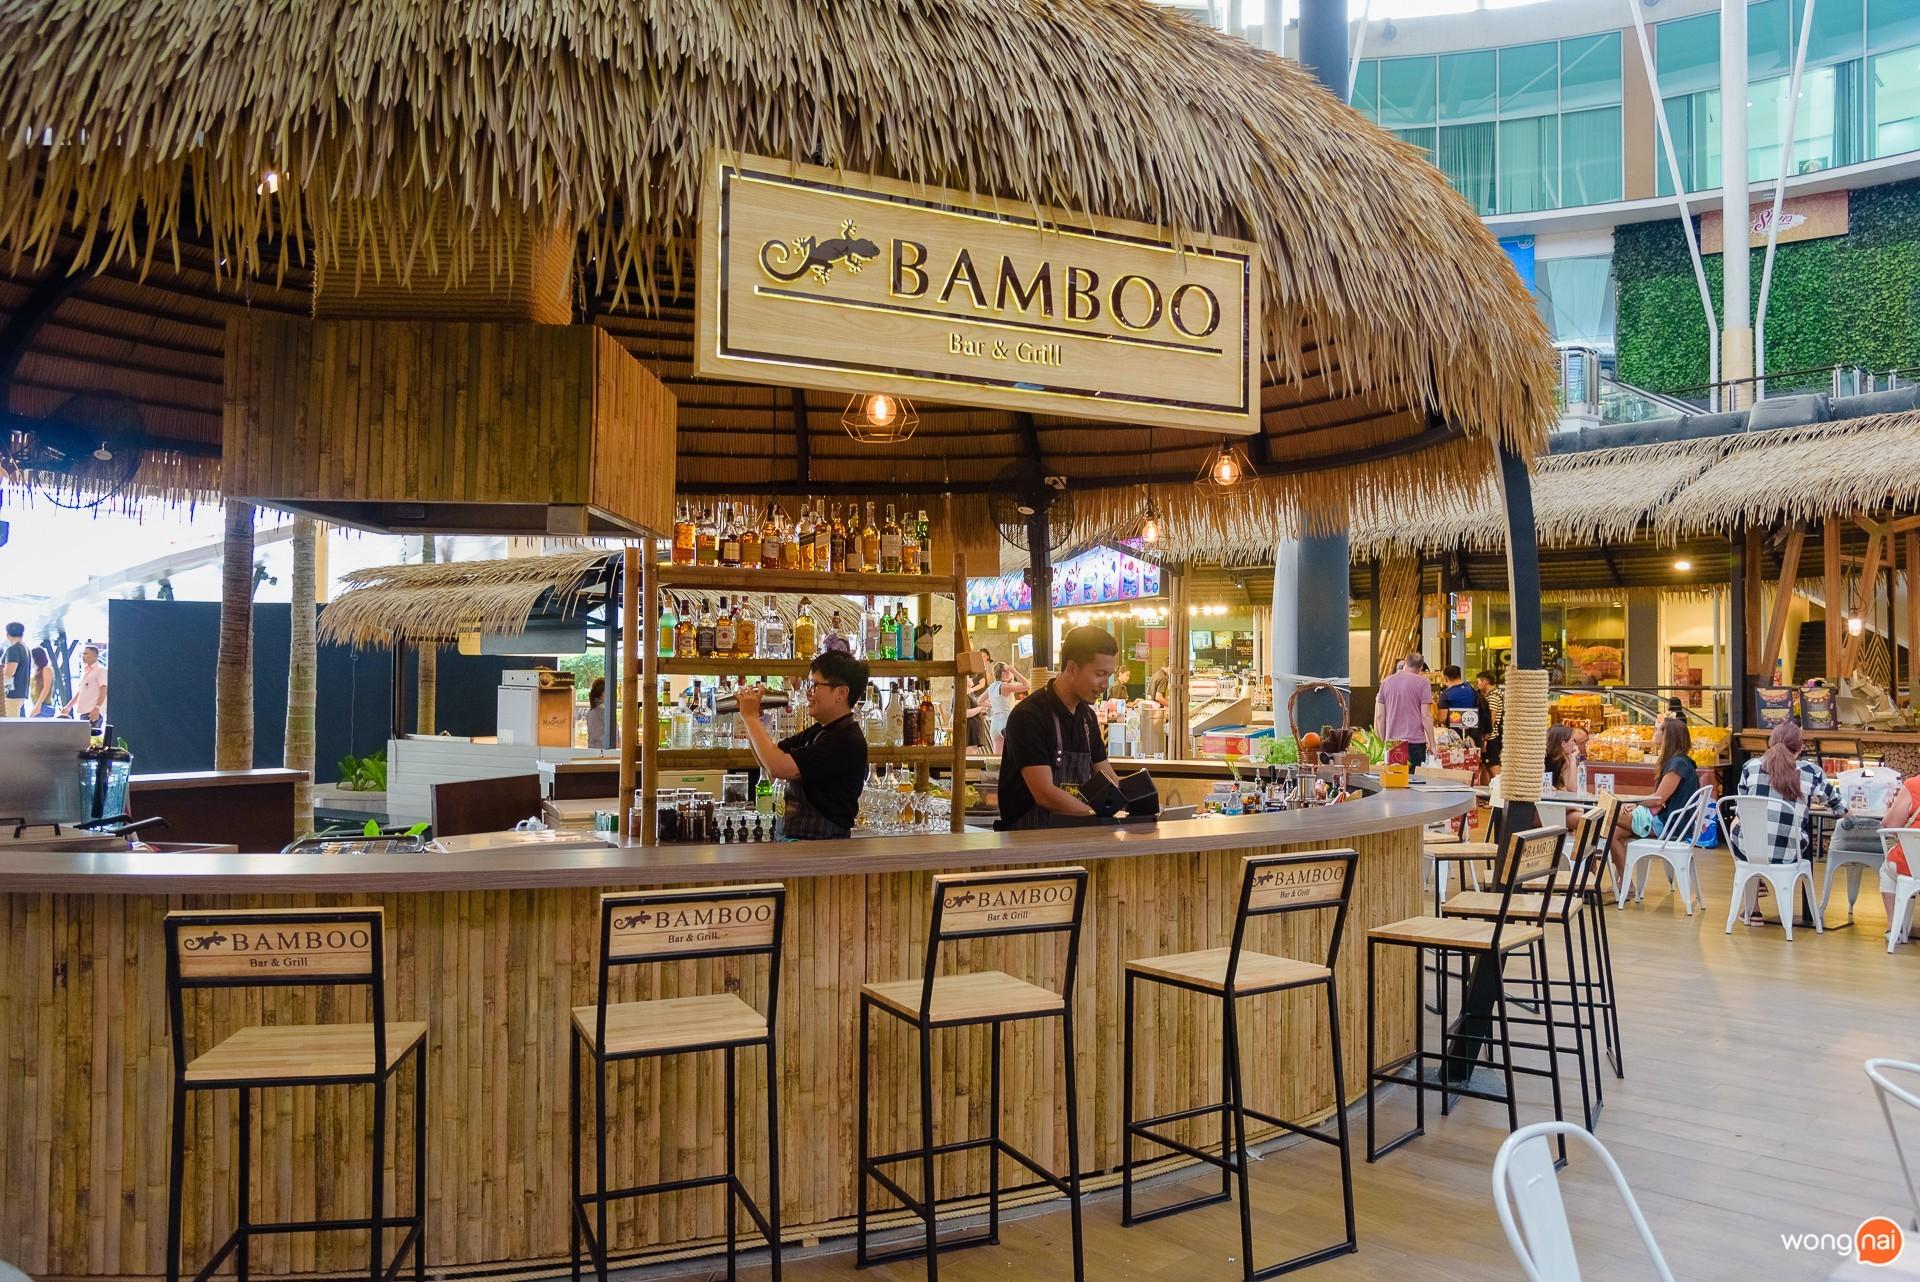 บรรยากาศหน้าร้าน Bamboo Bar & Grill ในโซน Public House ของห้าง Central Festival Phuket